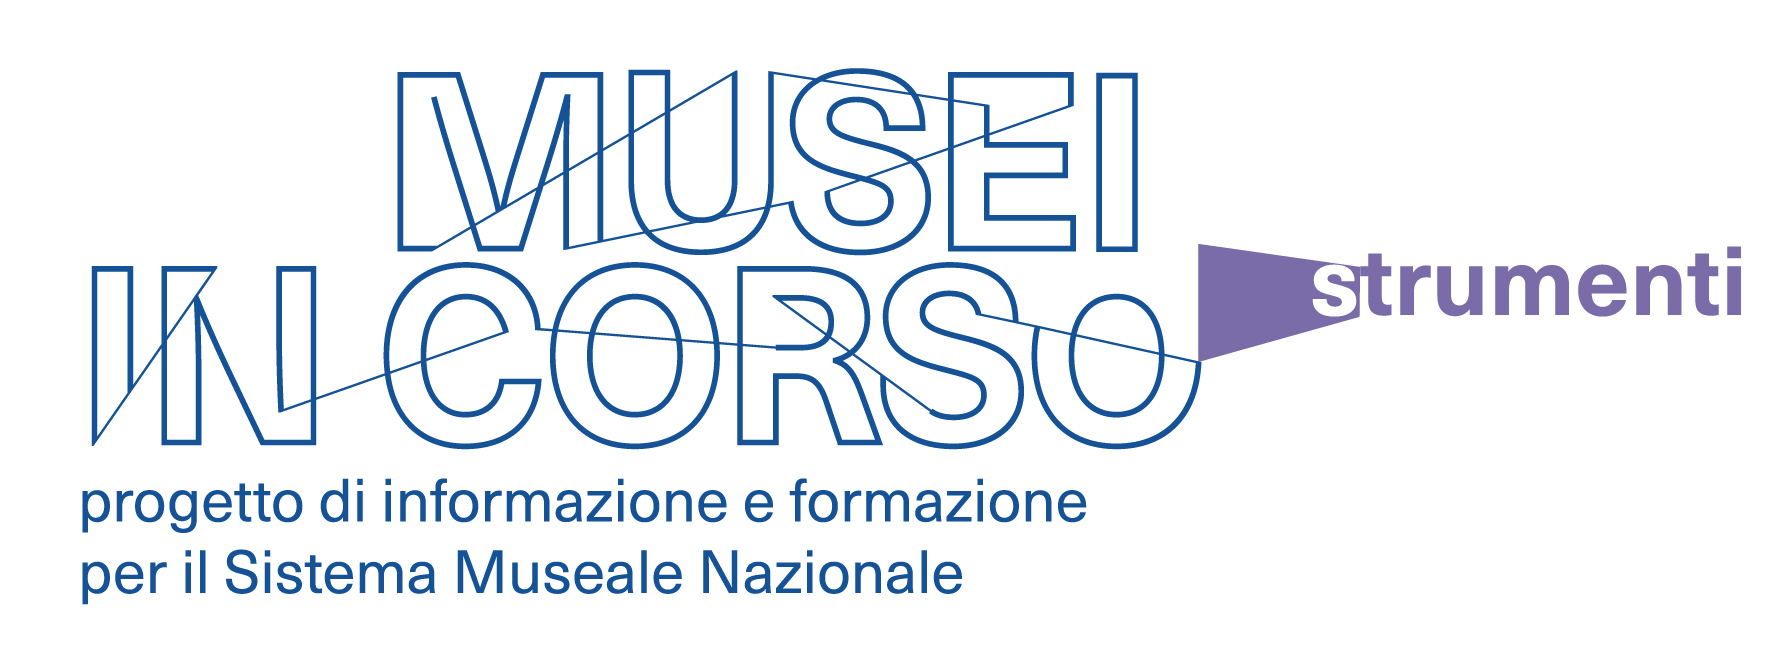 musei in corso lettering strumenti DEF